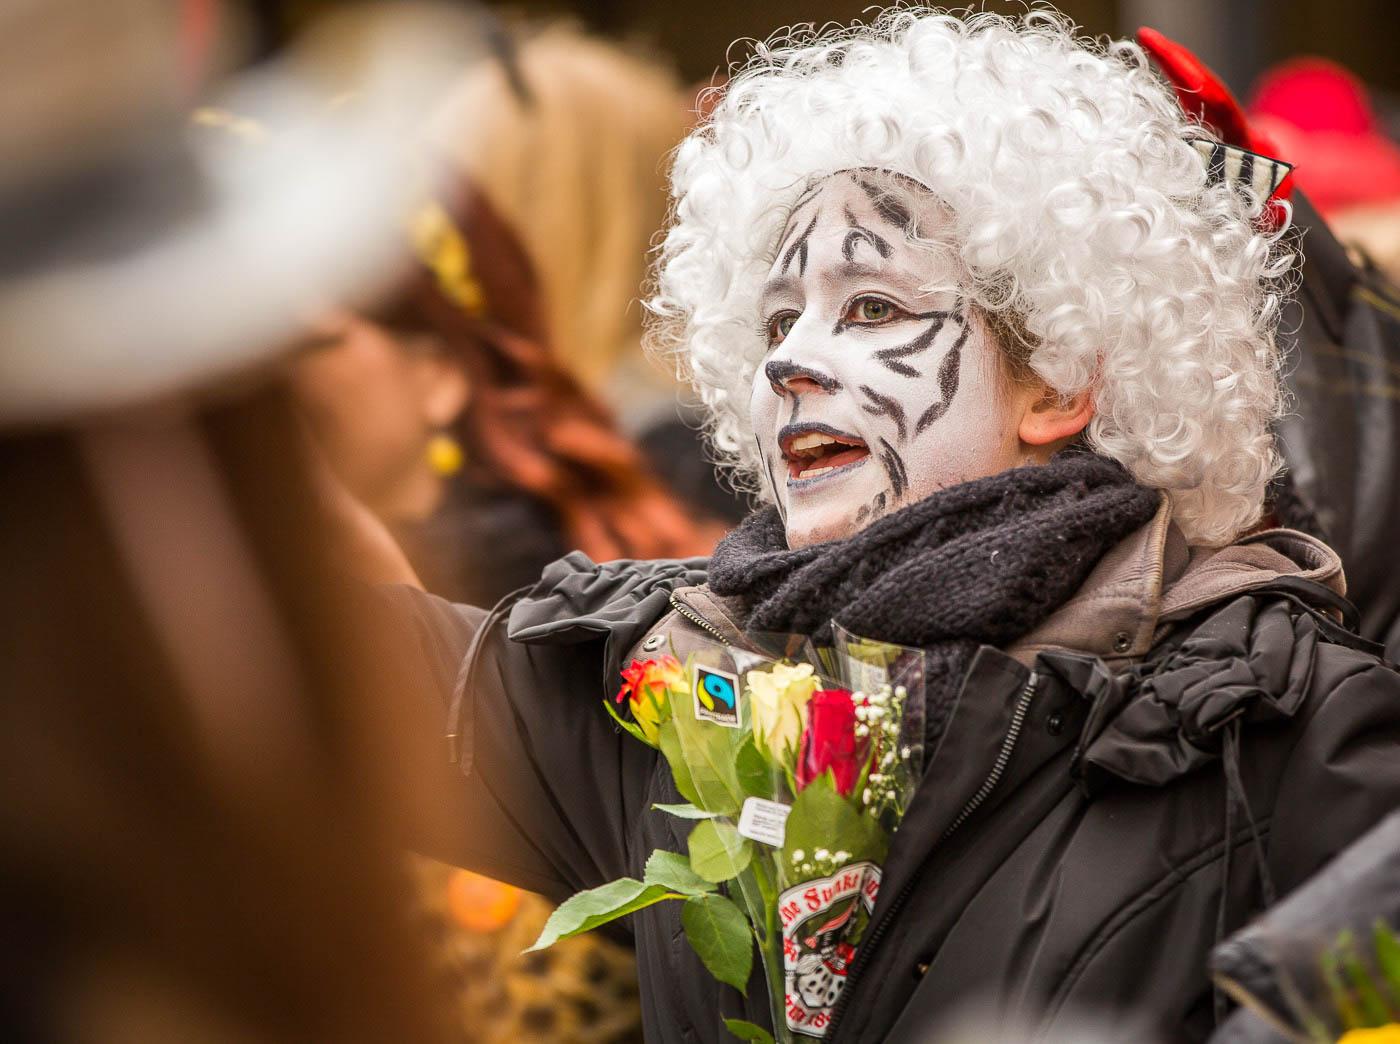 foto-festival-karneval-69